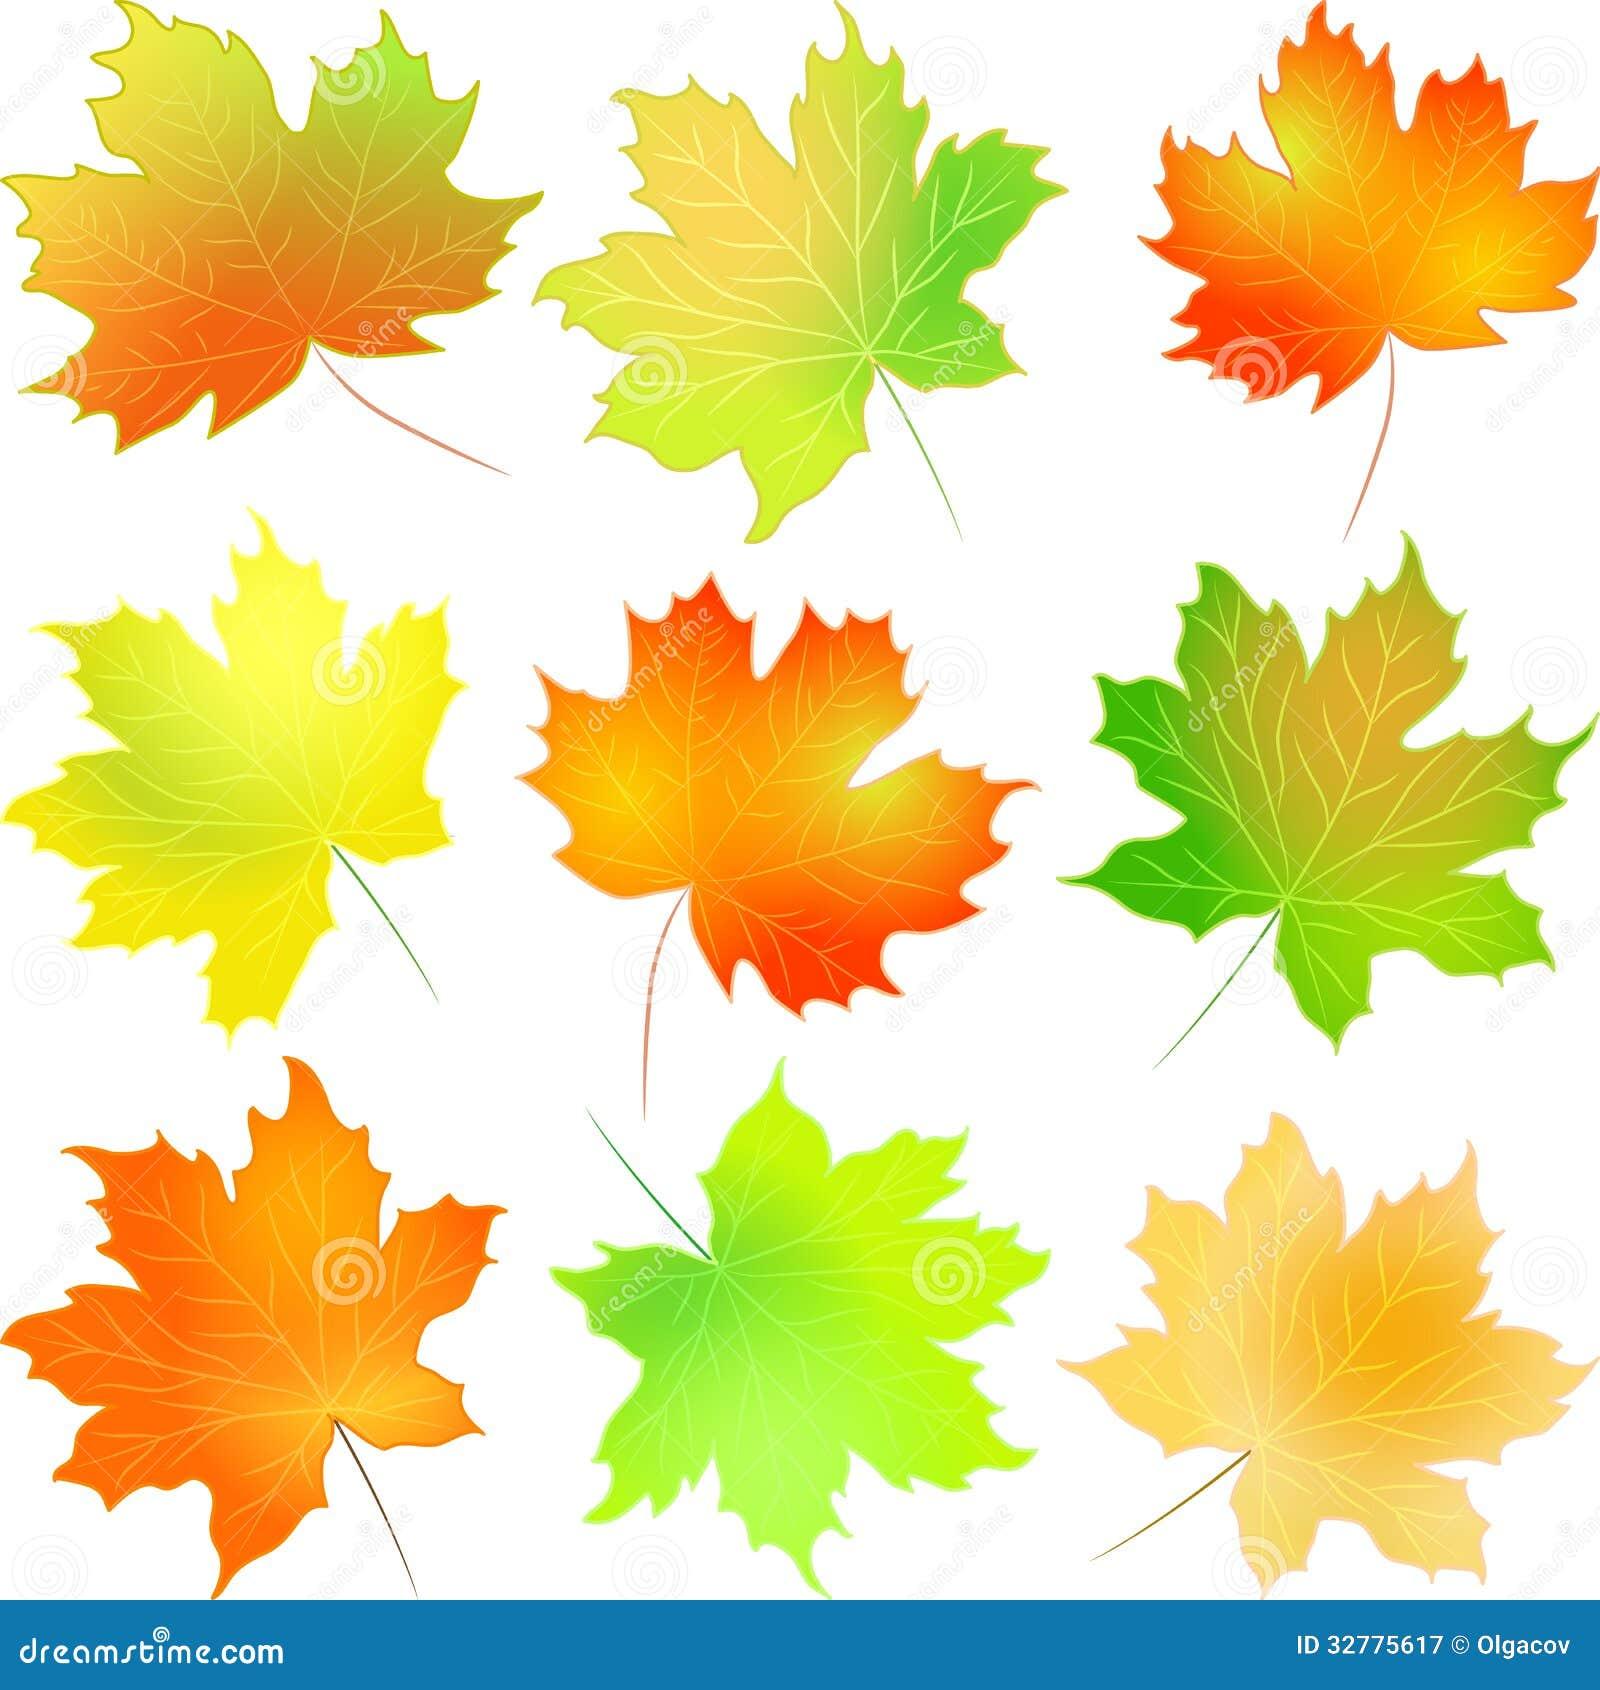 Feuille d 39 rable r gl e d 39 automne de vecteur illustration - Image feuille automne ...